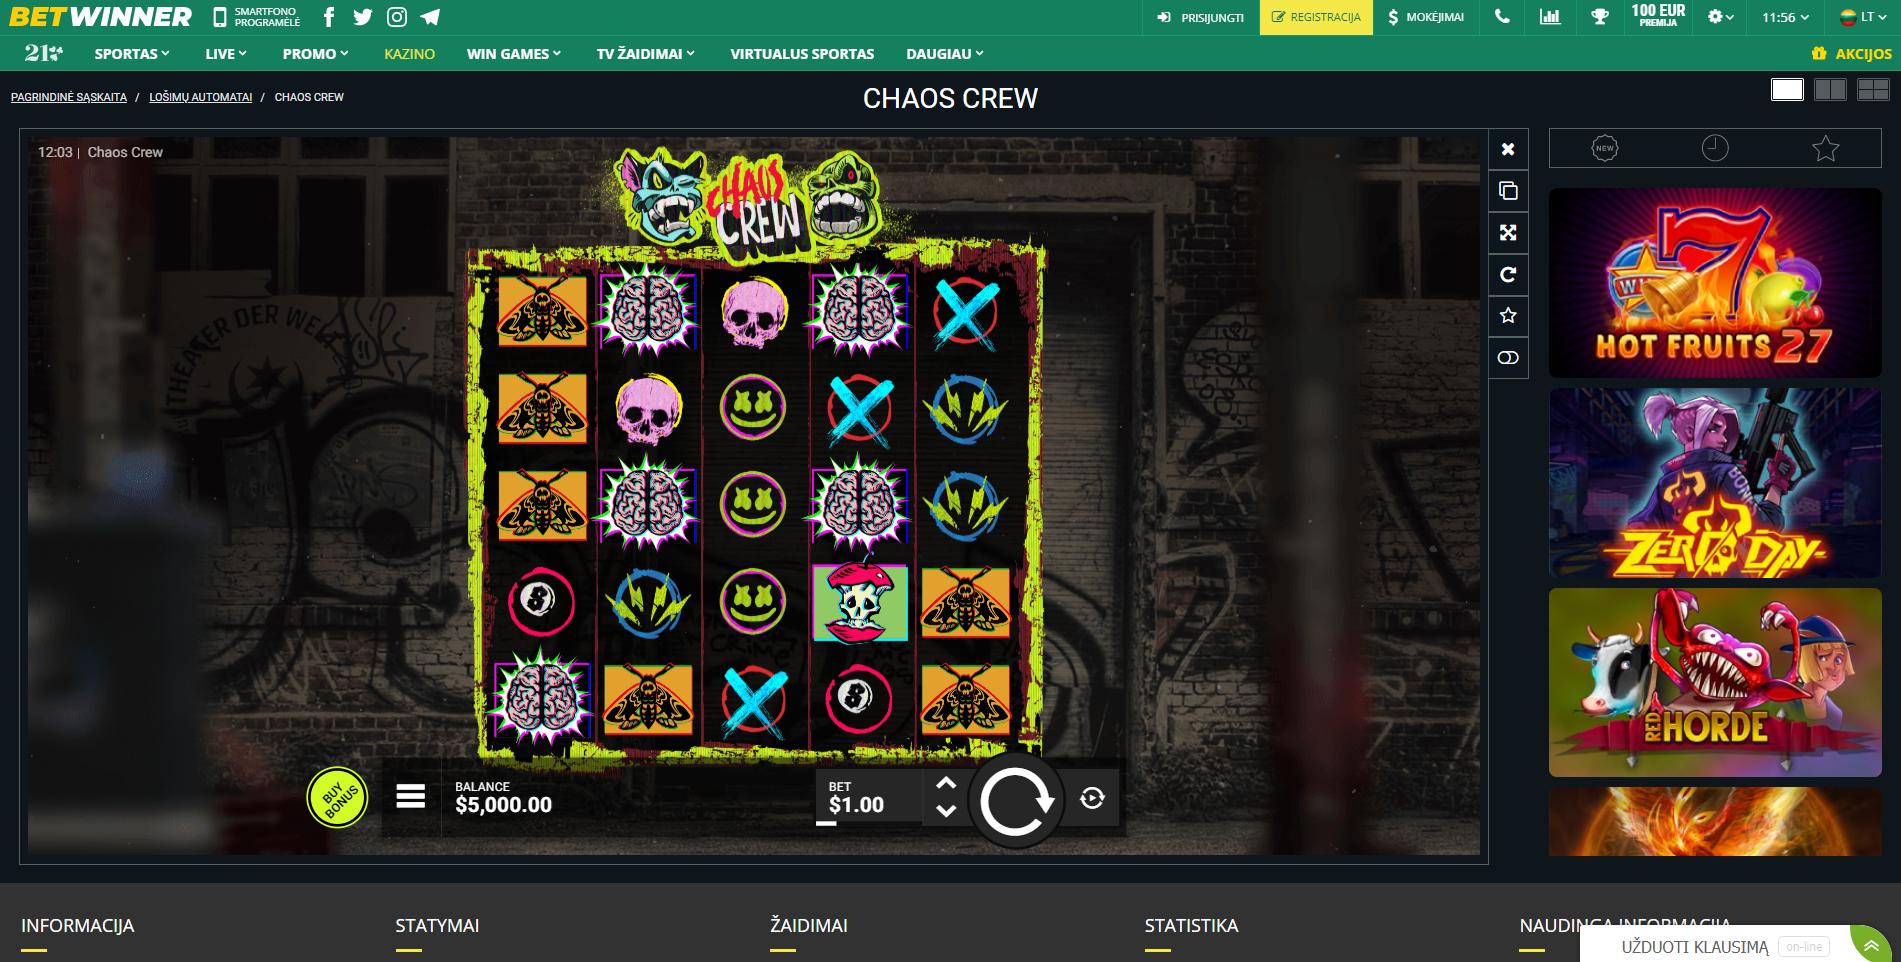 chaos crew lošimo automatas slot betwinner casino